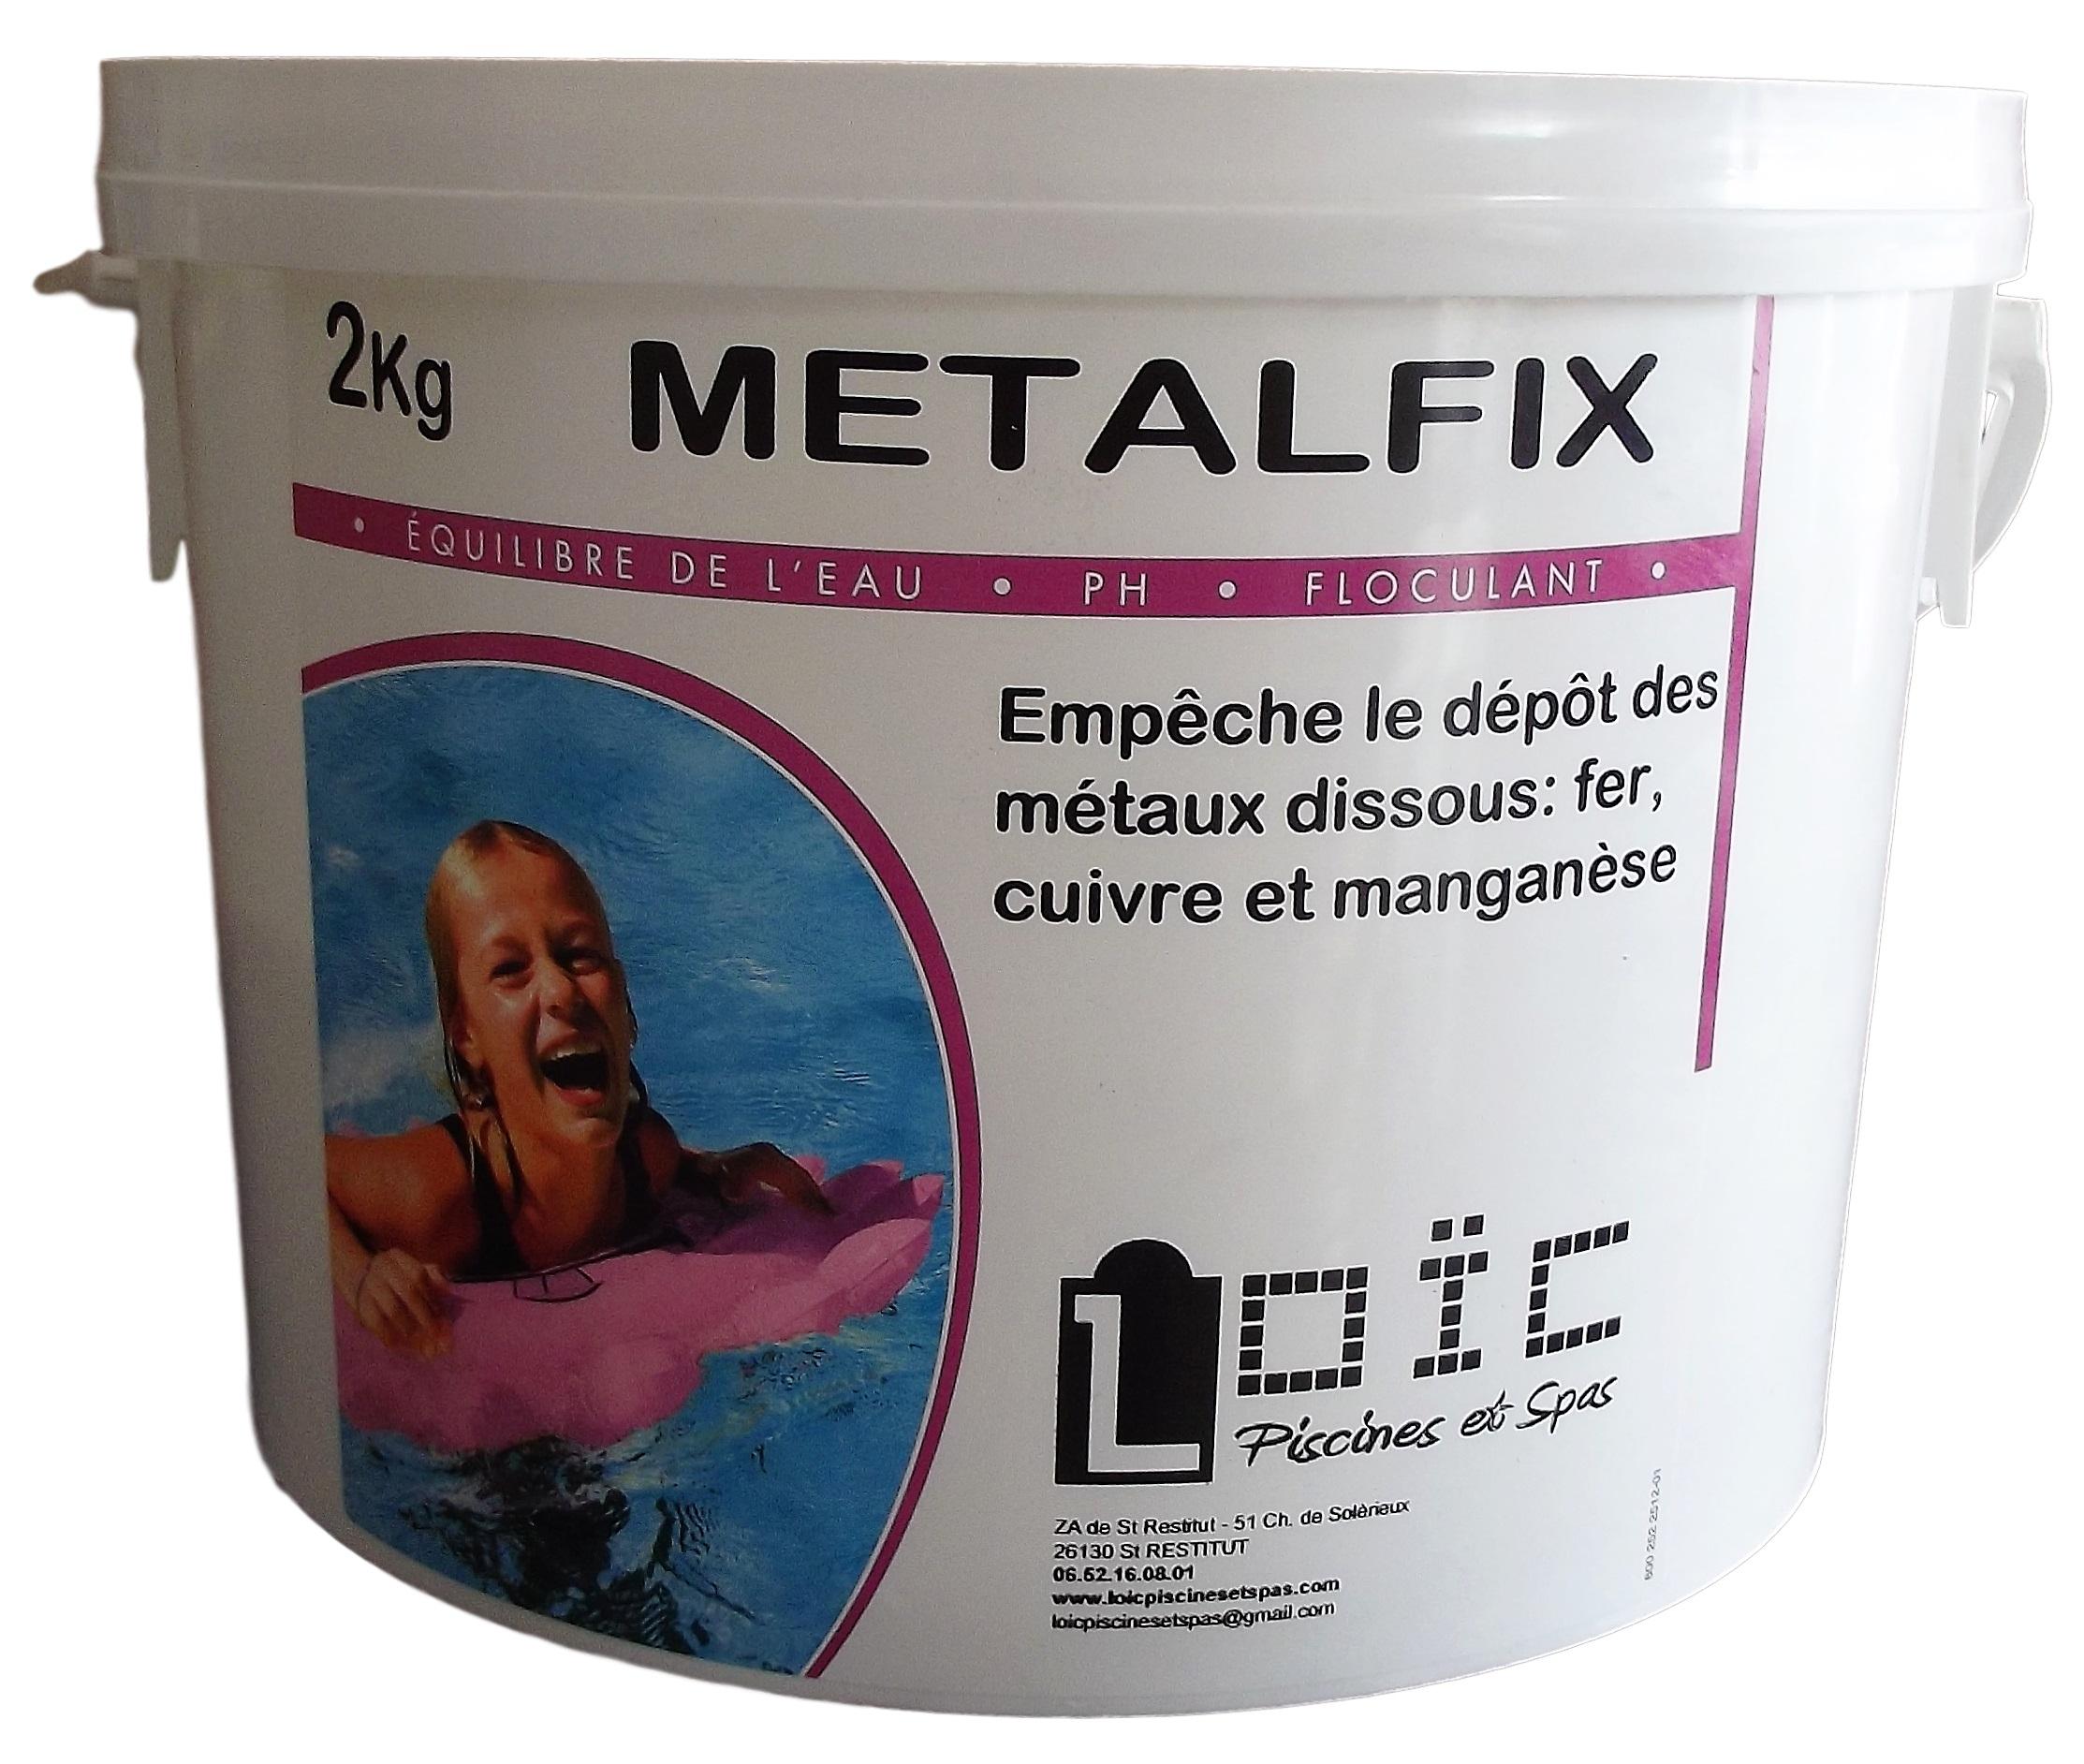 Metalfix - Loic Piscines Et Spas destiné Séquestrant Métaux Piscine